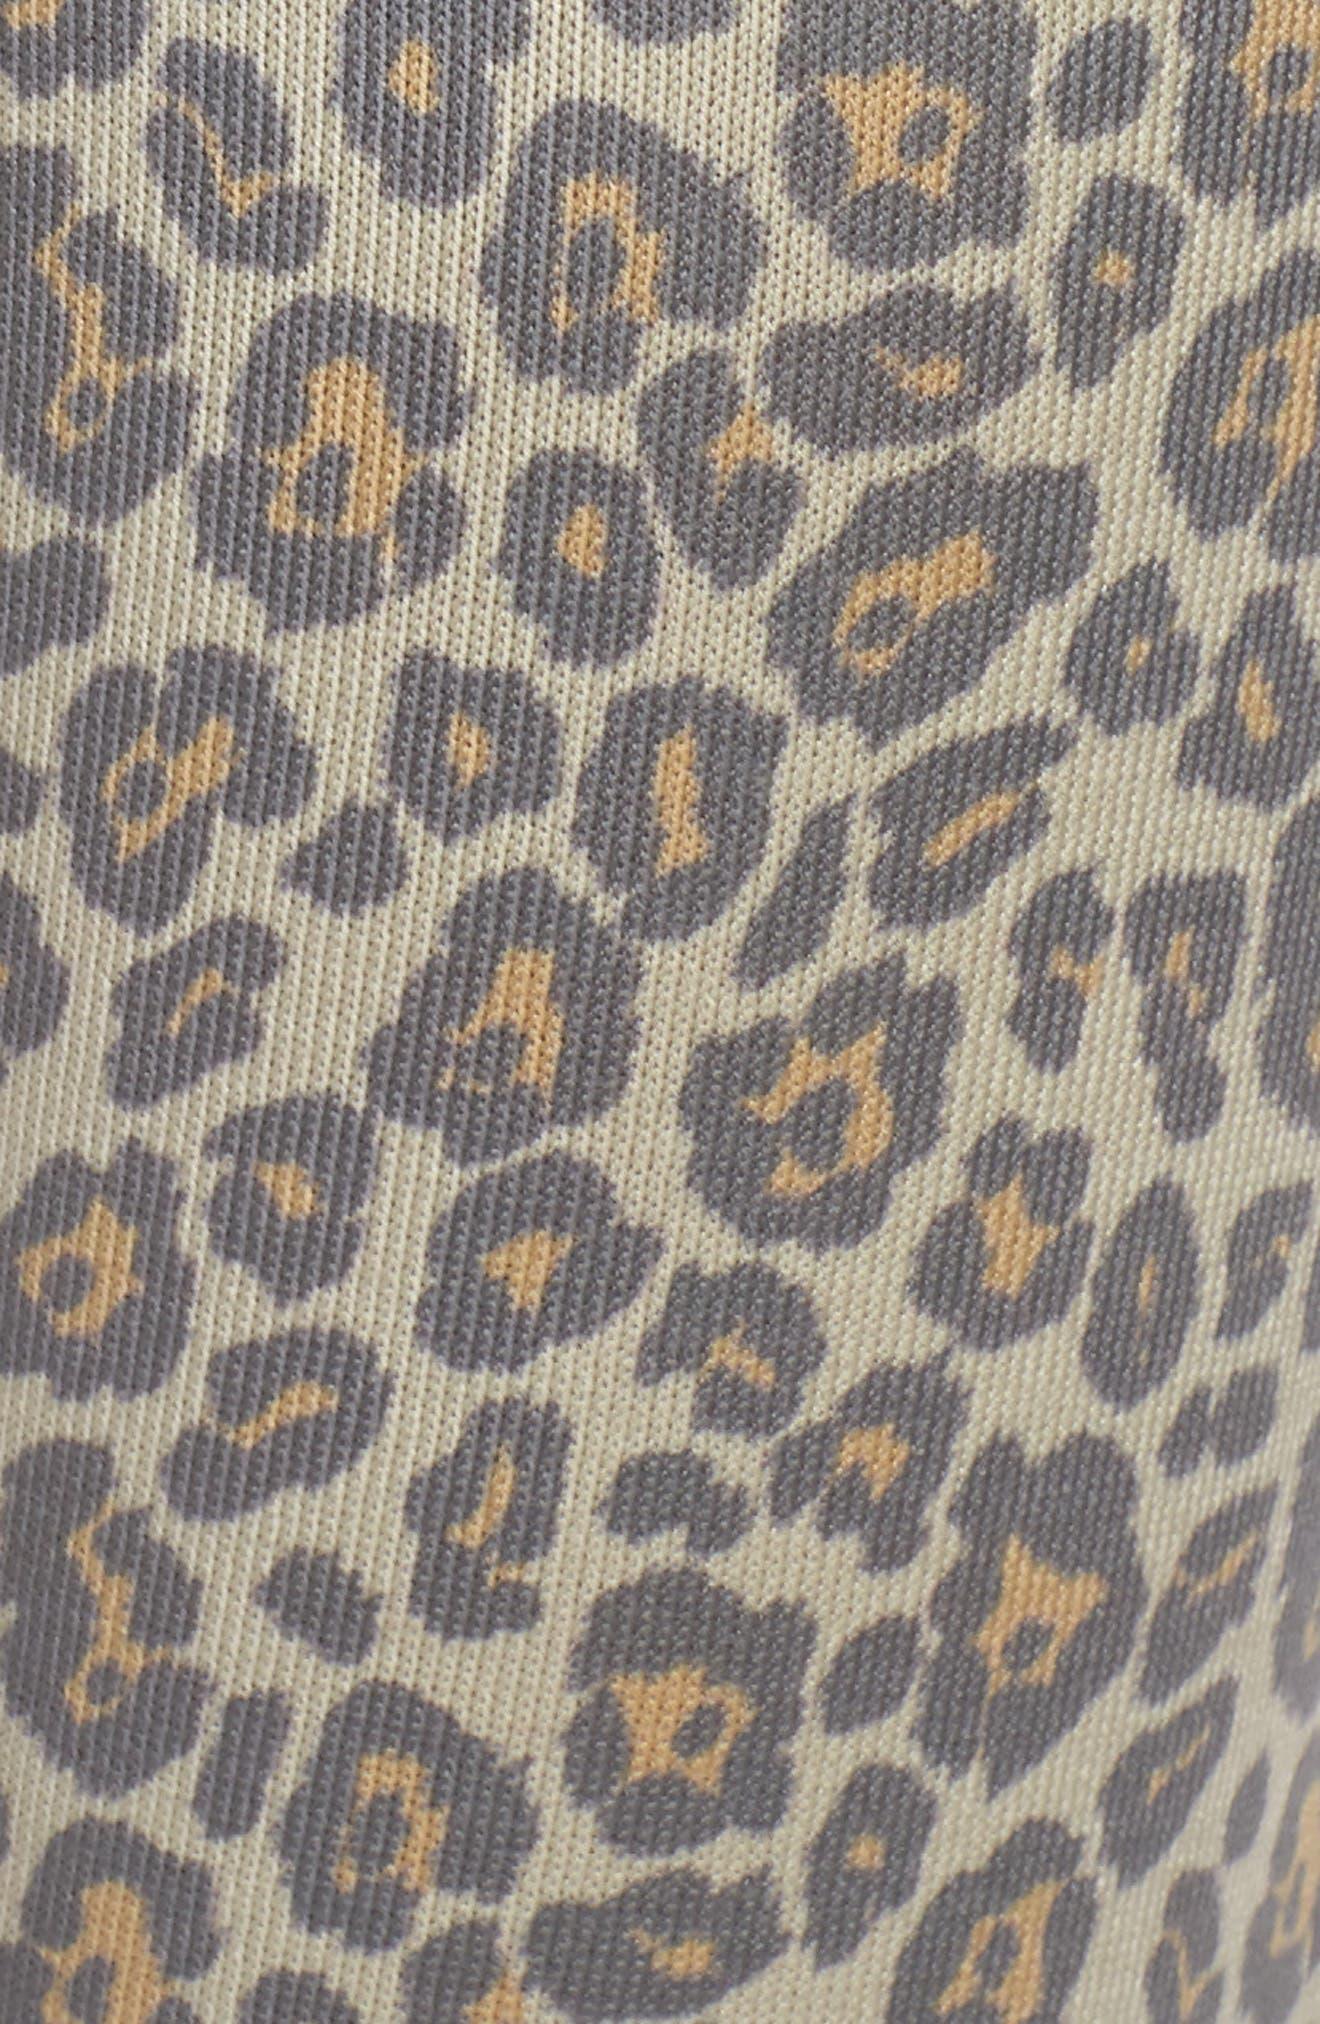 Leopard Knit Lounge Pant,                             Alternate thumbnail 5, color,                             BEIGE LEOPARD